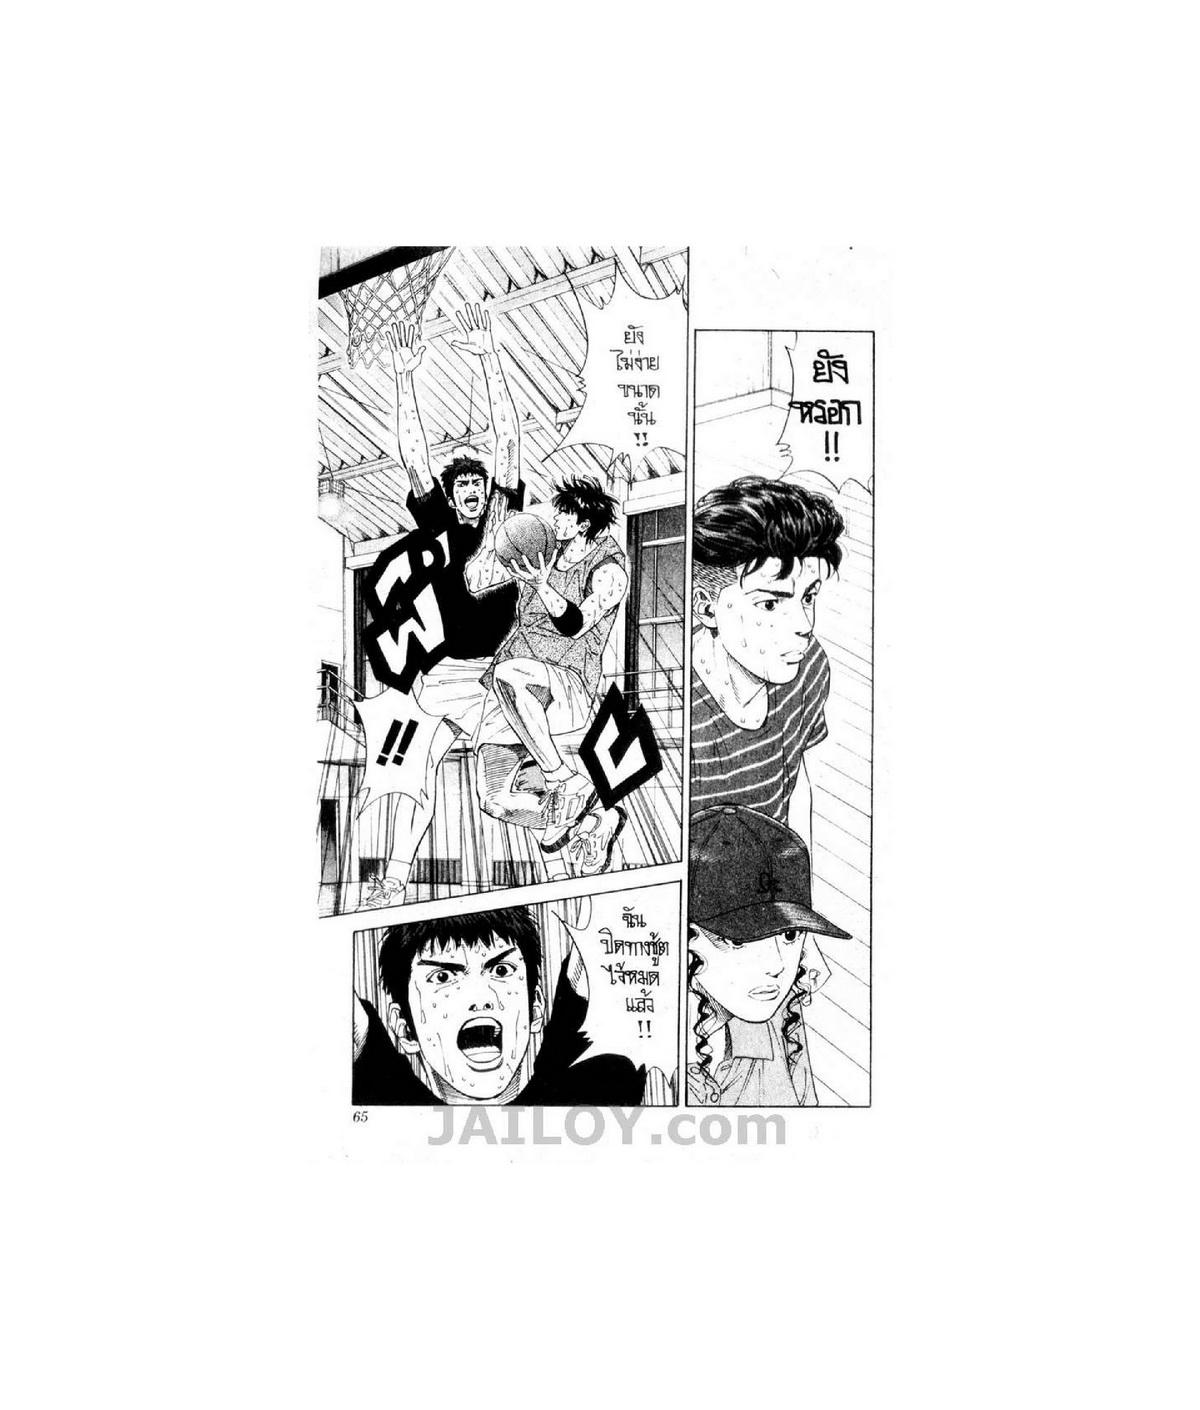 Slamdunk สแลมดังก์ เล่มที่ 22 TH แปลไทย อ่านการ์ตูนออนไลน์